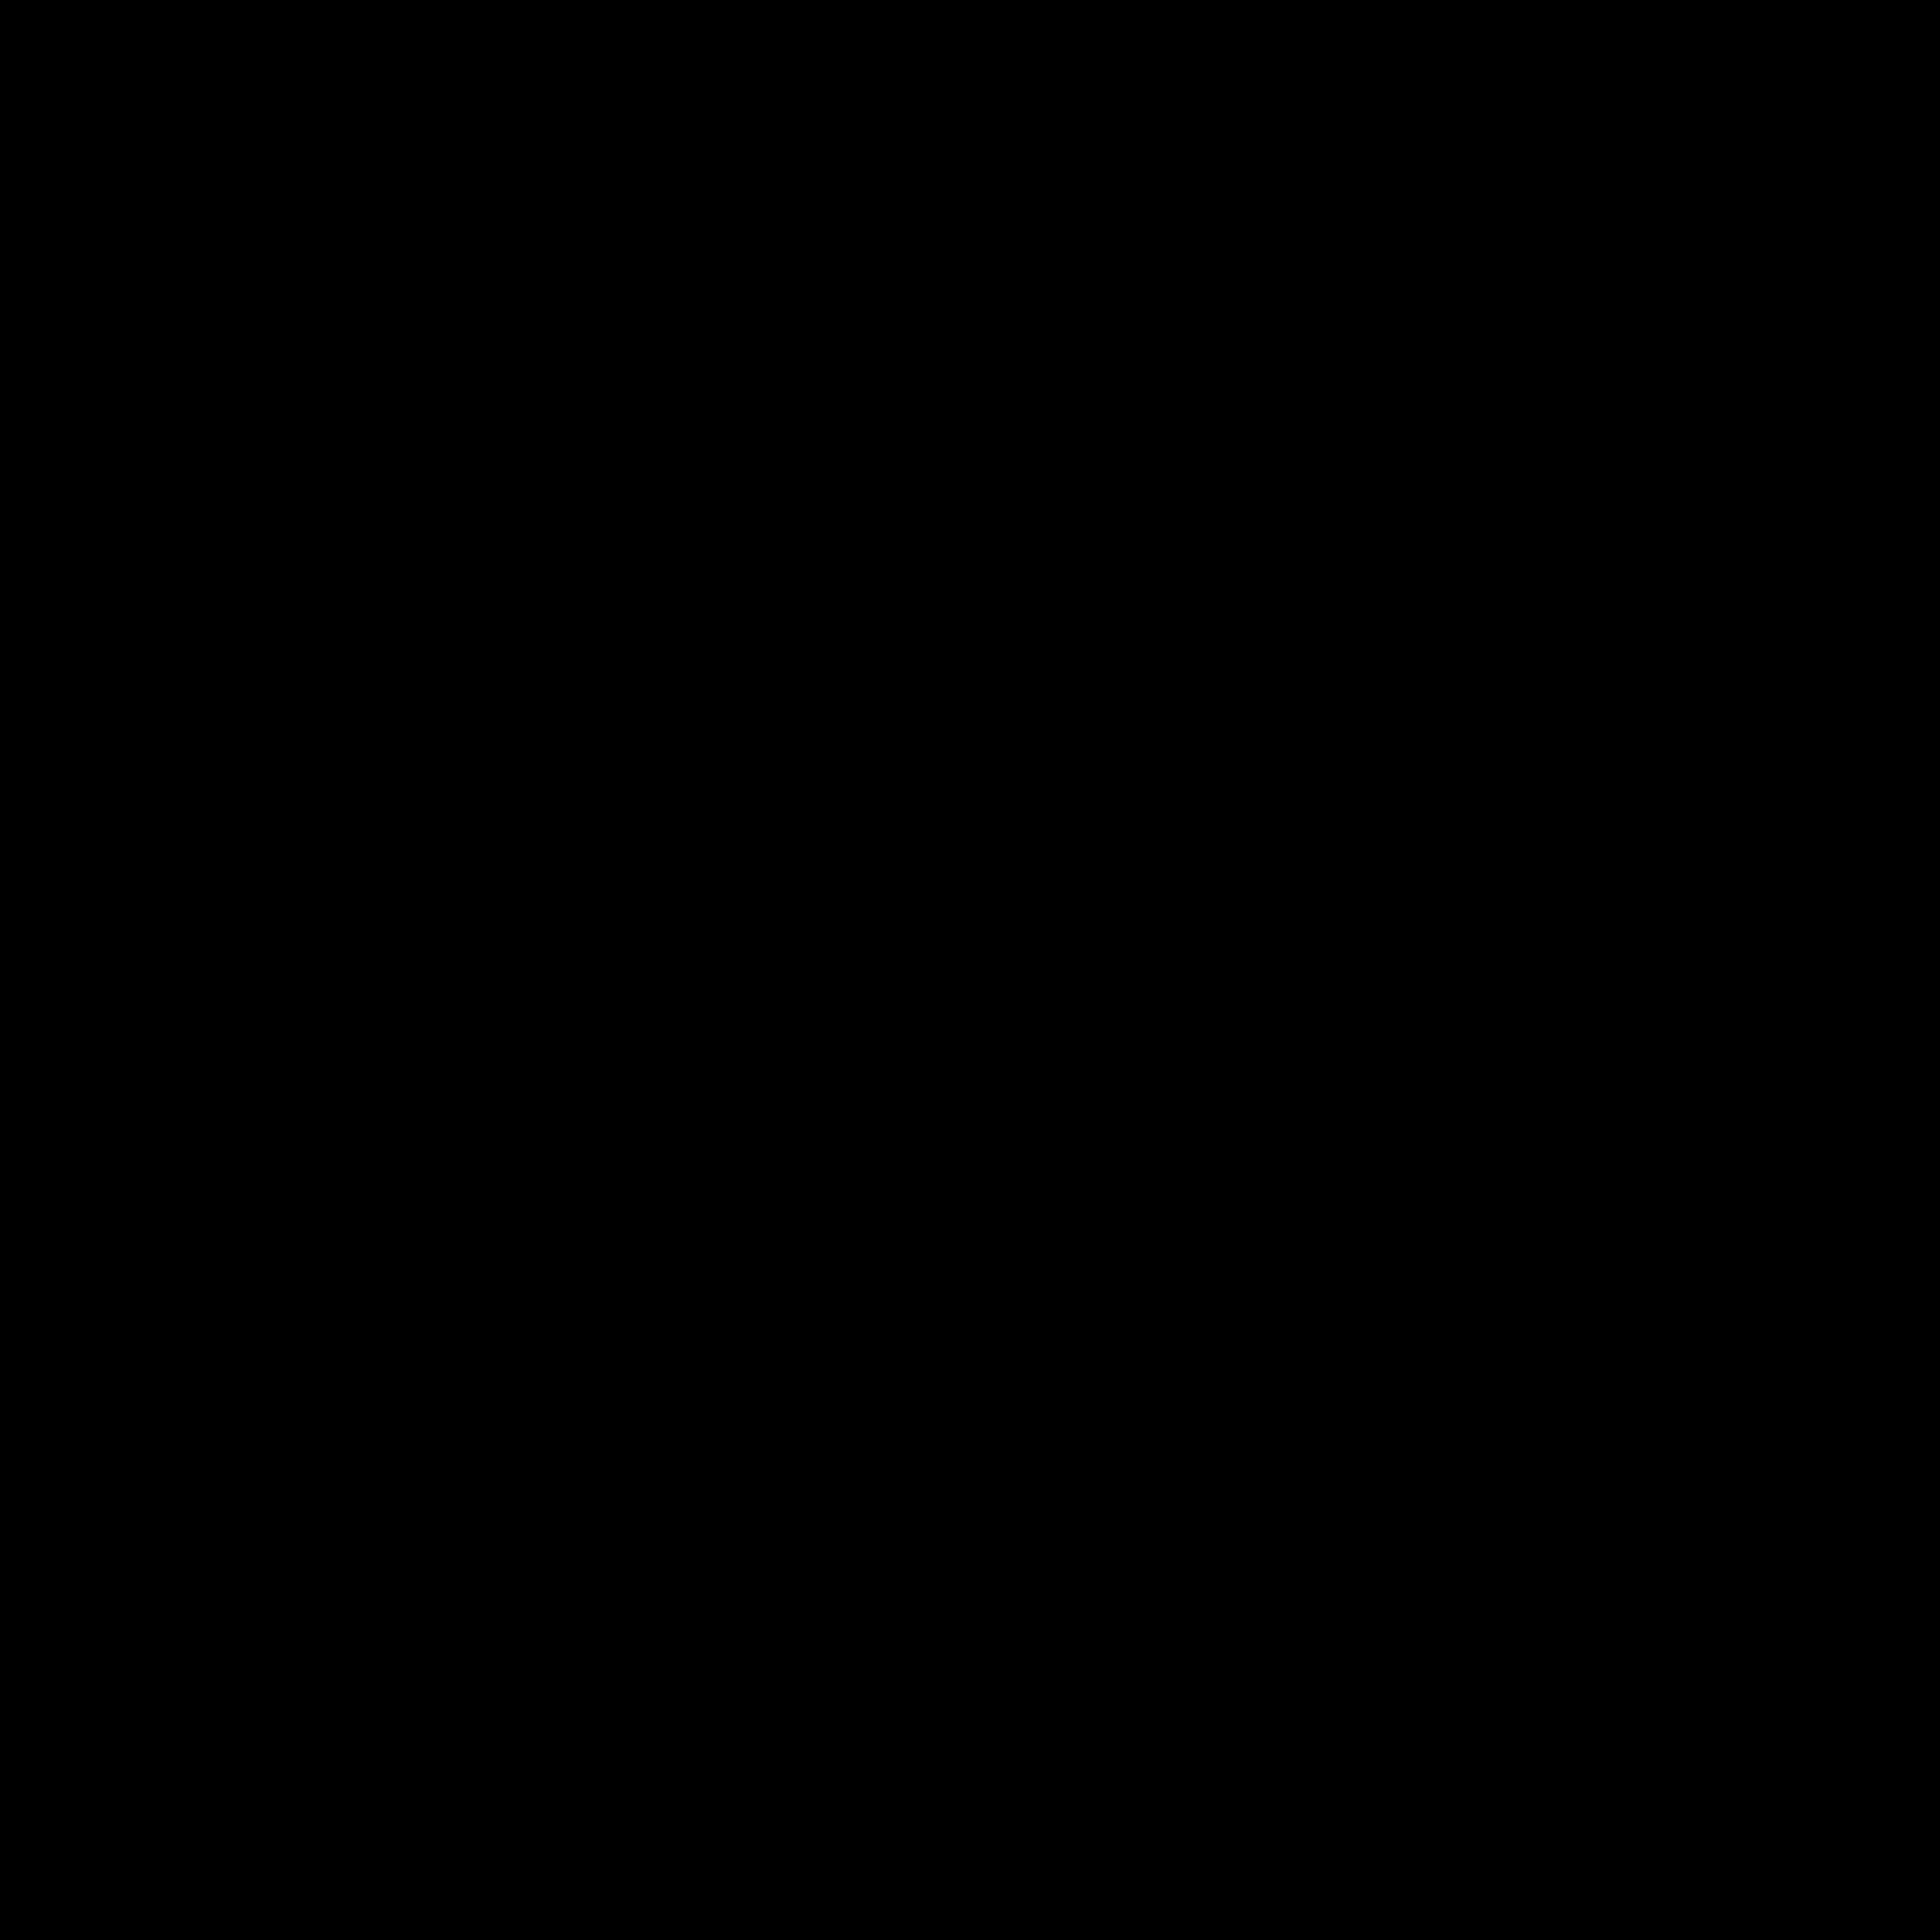 Pharma 360